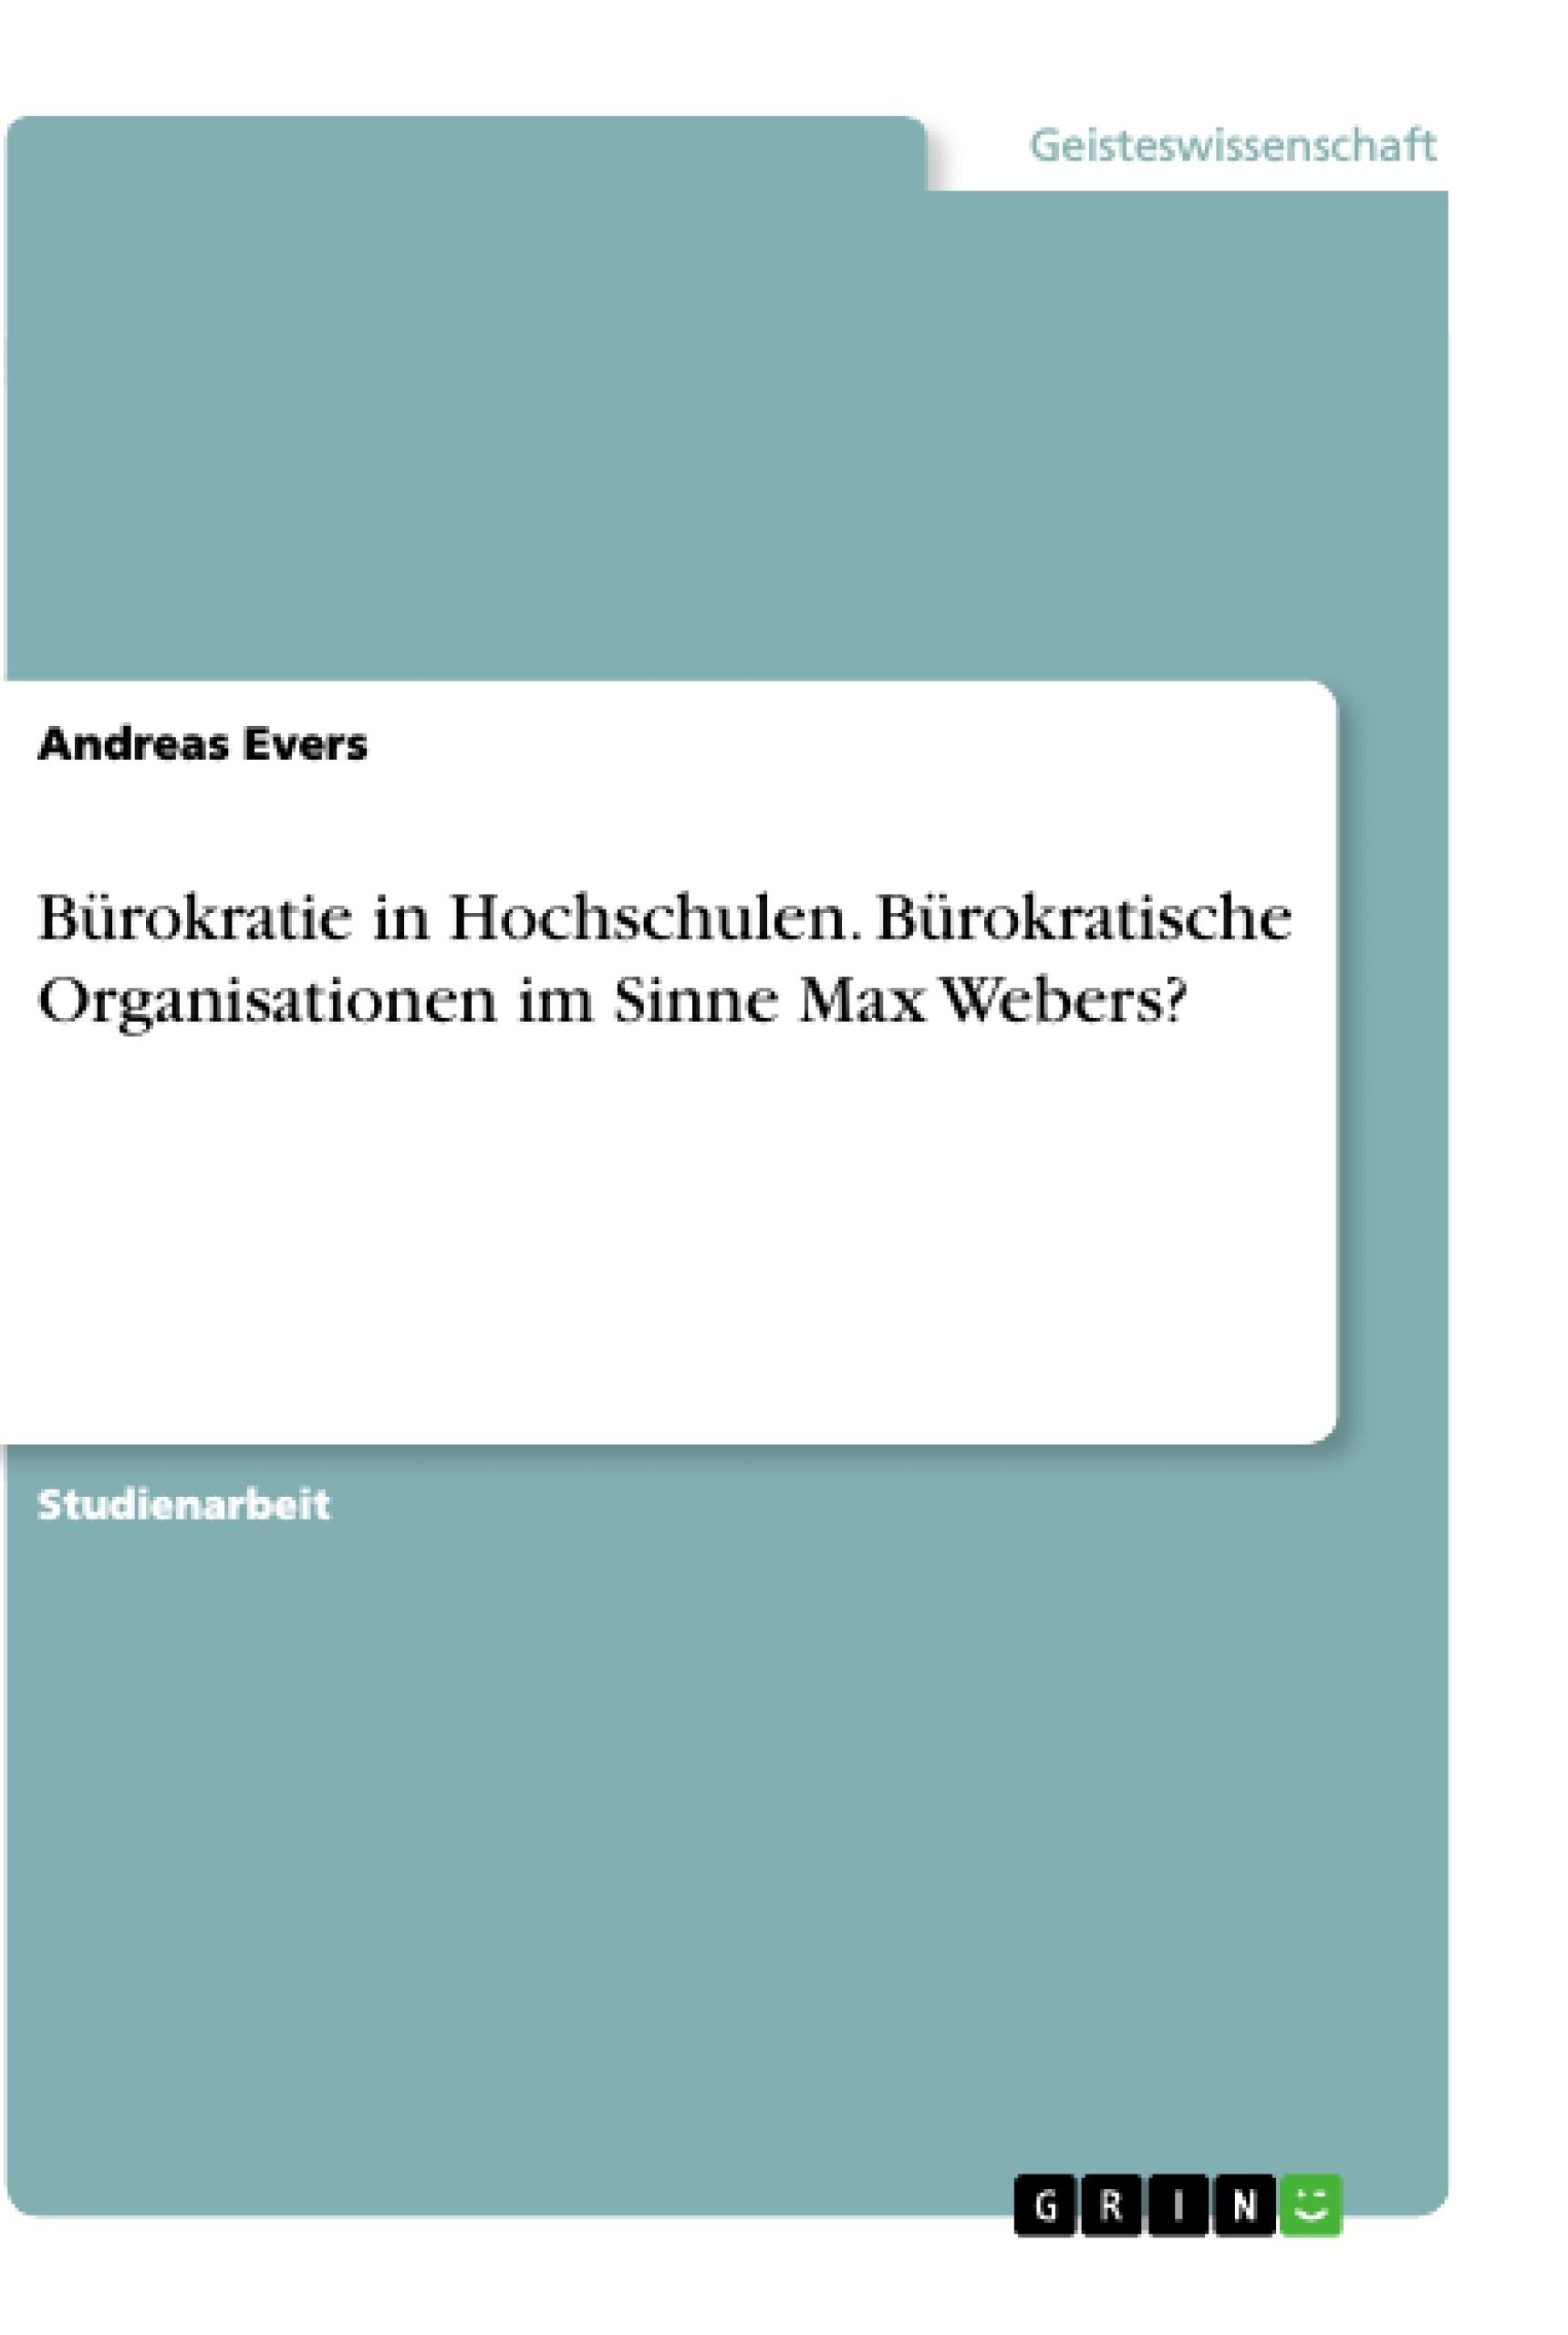 Titel: Bürokratie in Hochschulen. Bürokratische Organisationen im Sinne Max Webers?